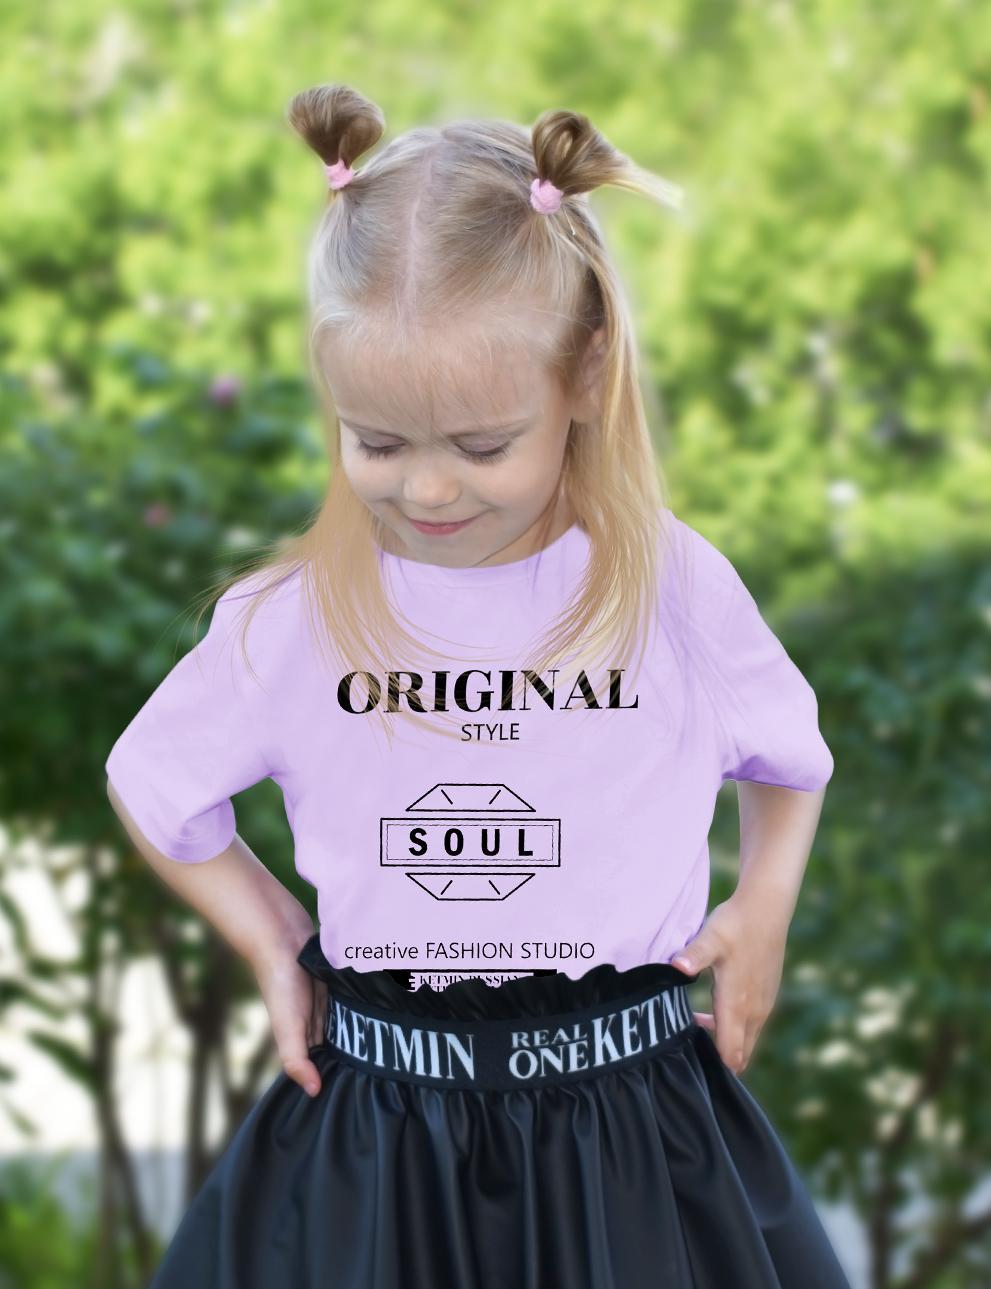 Детская футболка KETMIN Sensation цв.Сиреневый